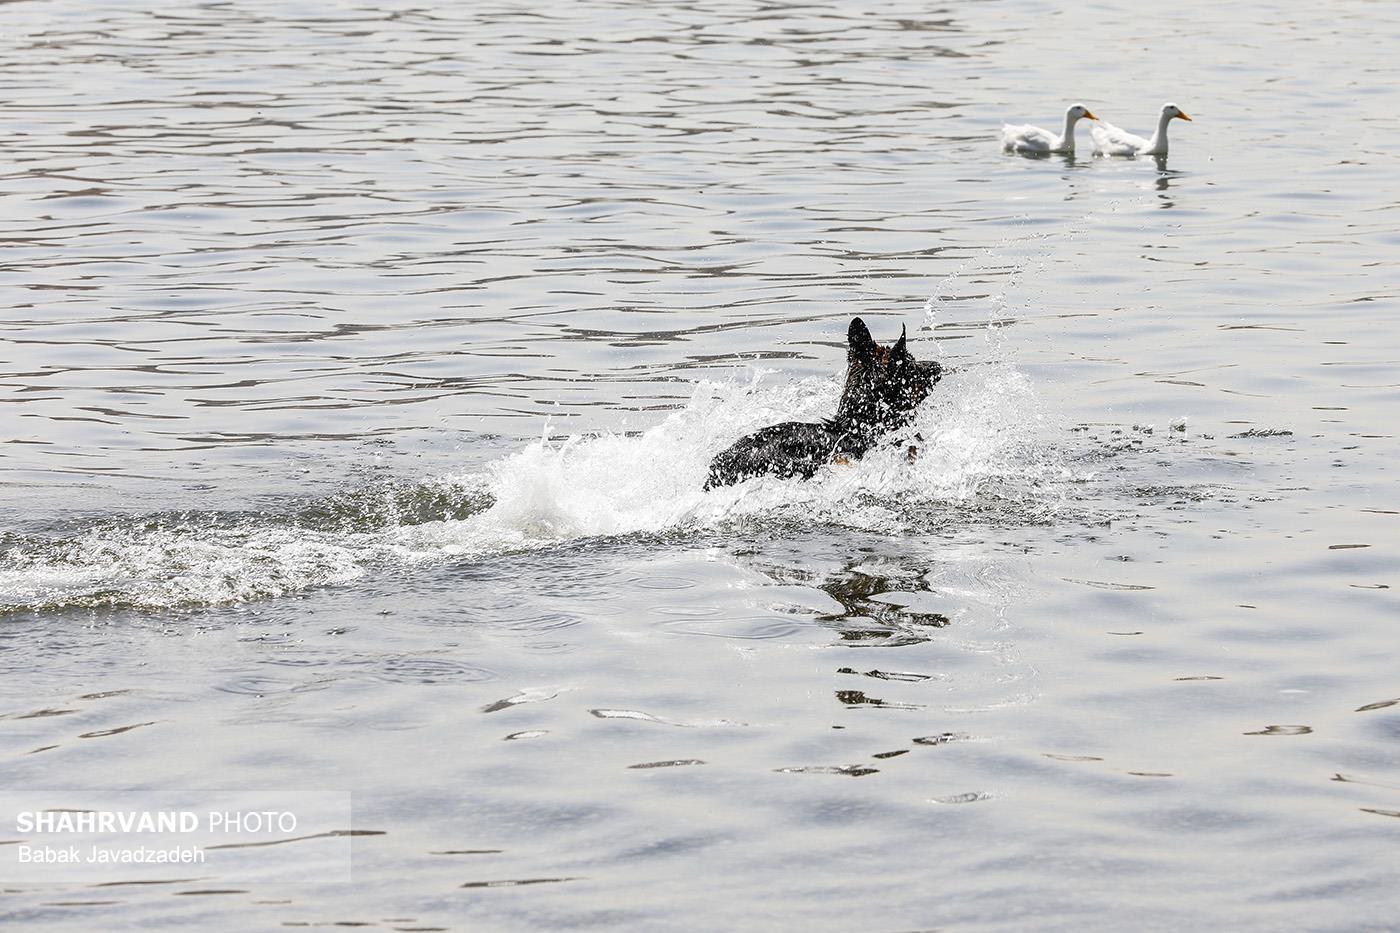 مانور مربیان آنست با ۳۰ قلاده سگ جستوجو و نجات در دریاچه چیتگر